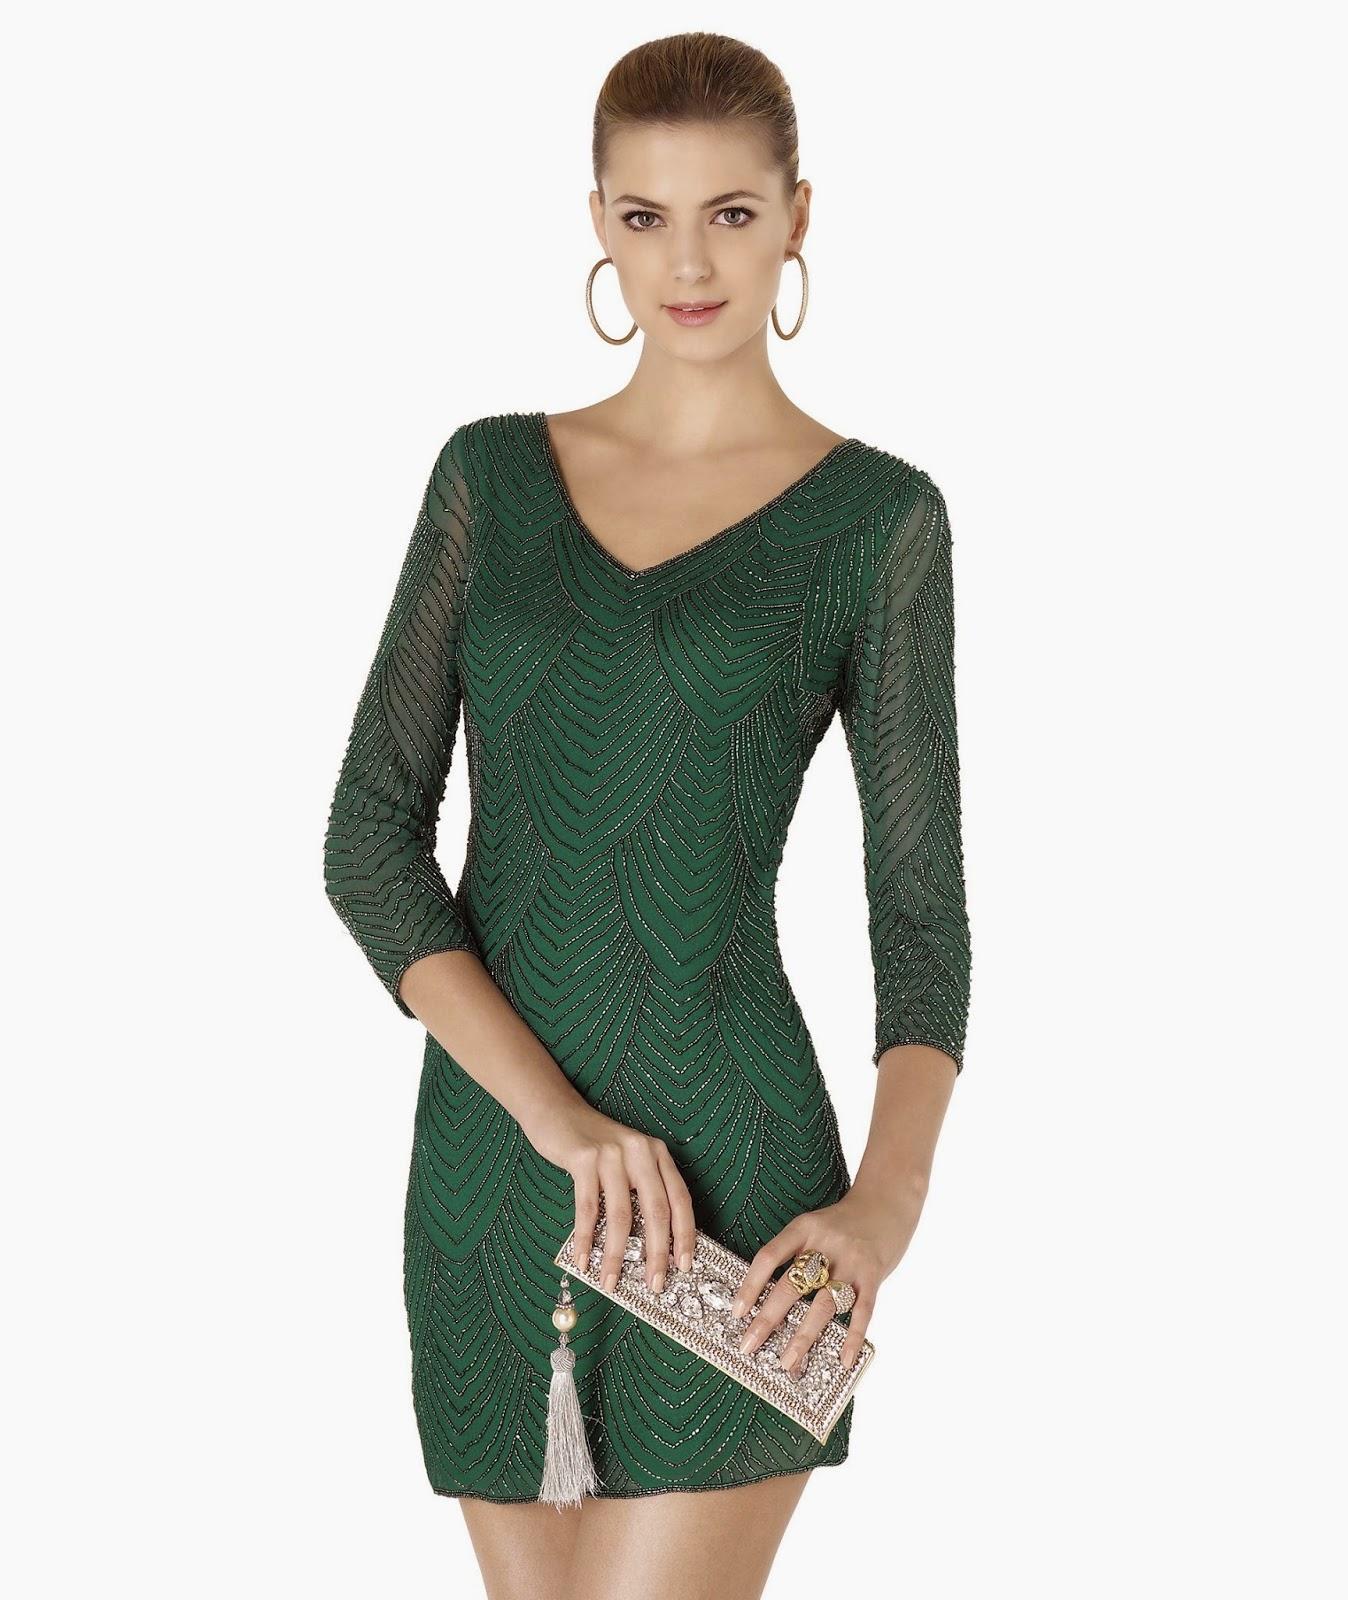 7ab809b006d18 Pronovias kokteyl elbiseleri arasındaki turumuzda sıra bir bordo abiye  elbise modeline geldi. Bu elbise saten kumaştan yapılmış sanırım; kolları,  ...